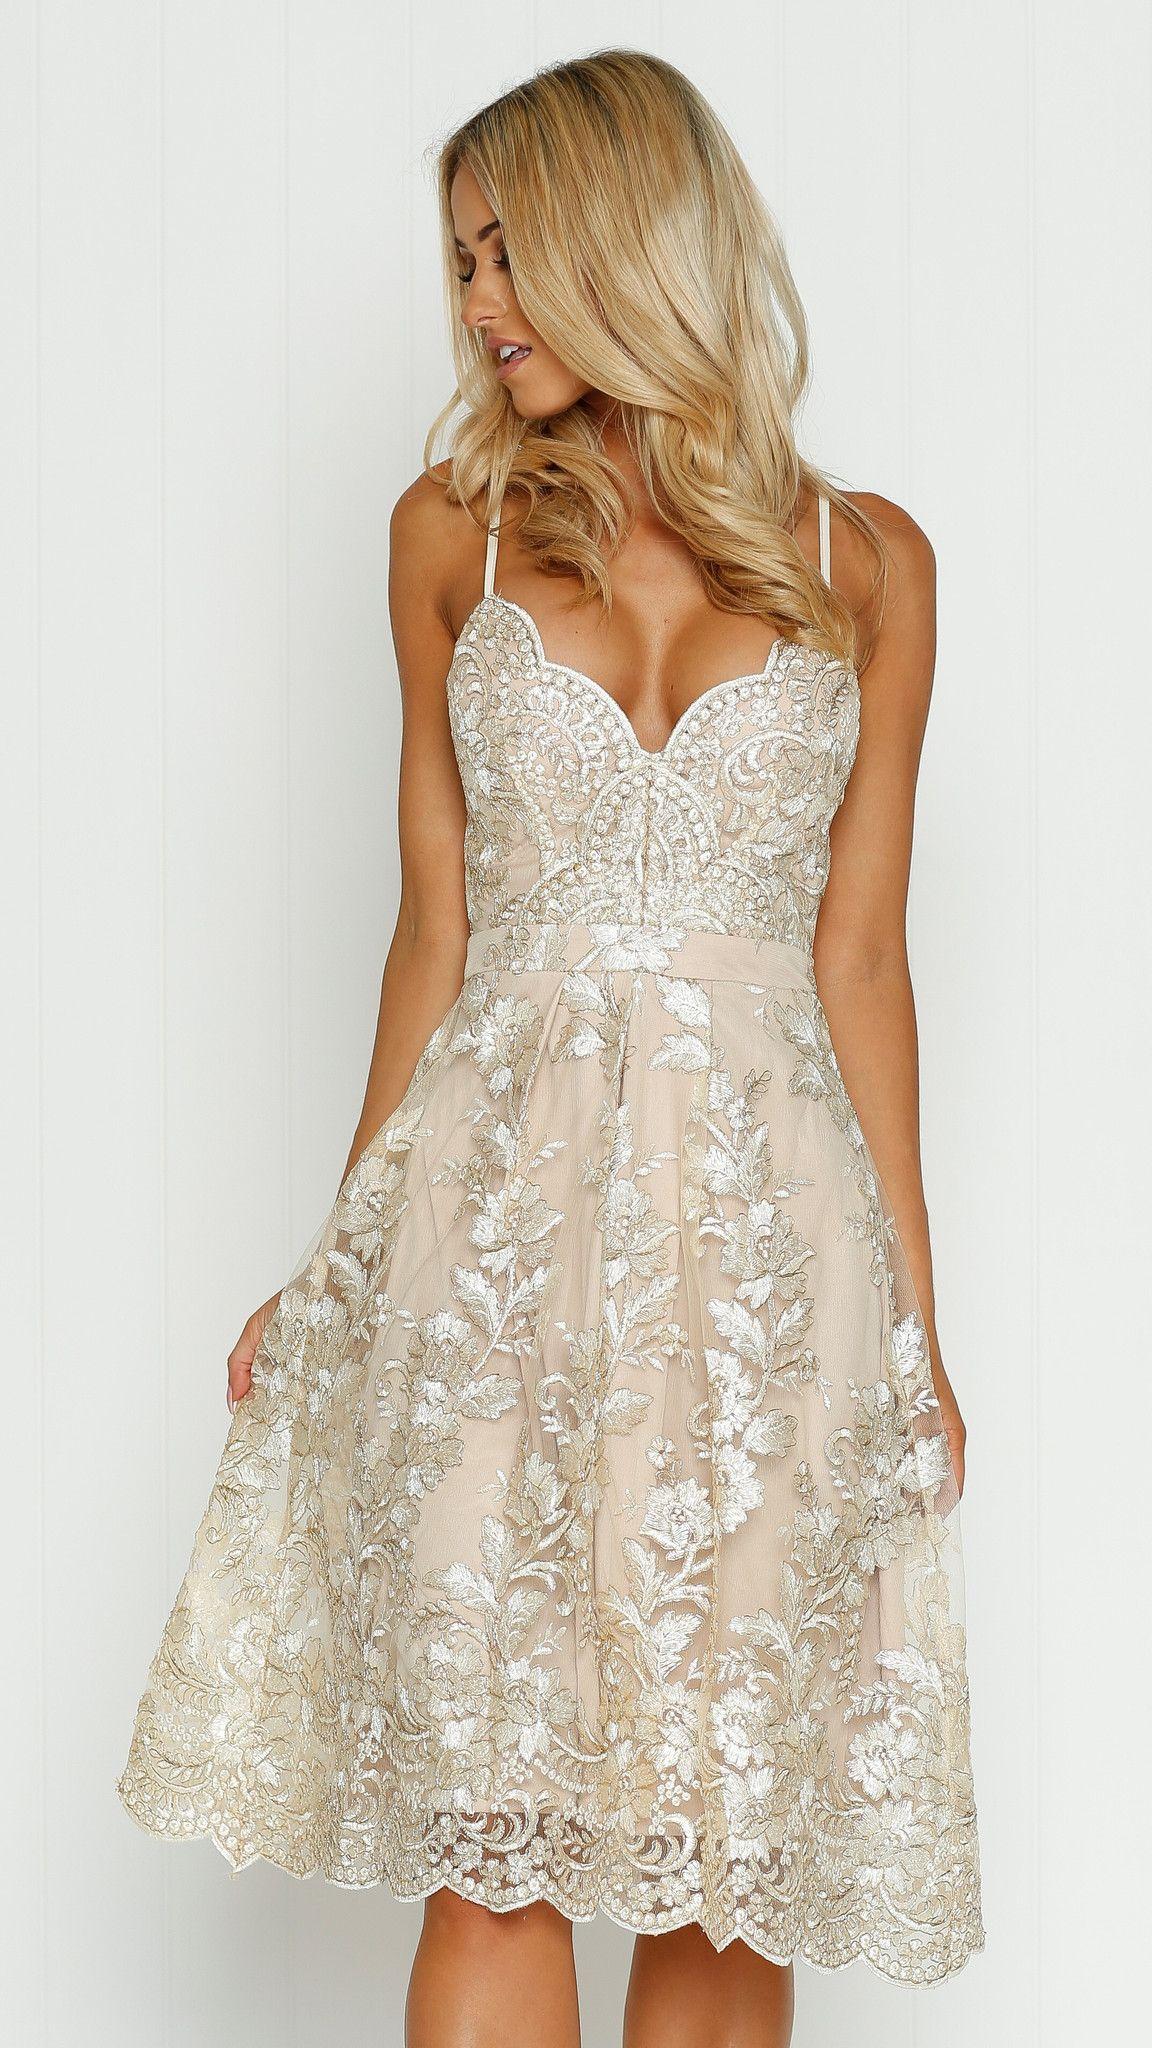 Badoure dress restocked lace dresses pinterest gold lace